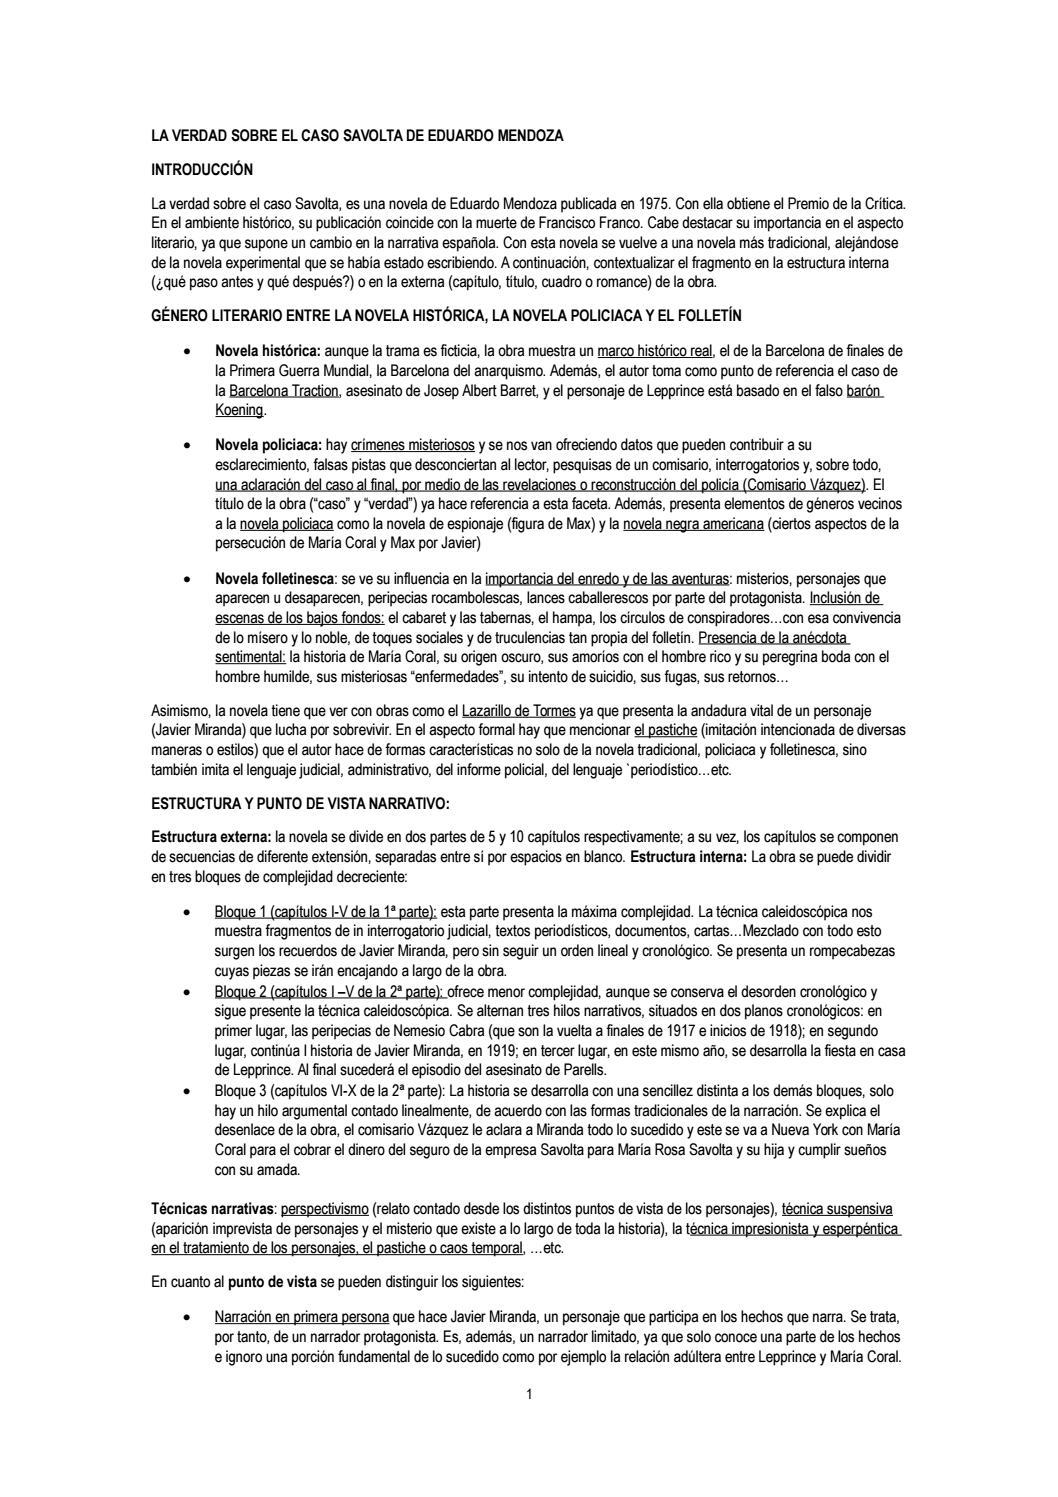 Guía De Lectura La Verdad Sobre El Caso Savolta By Sara